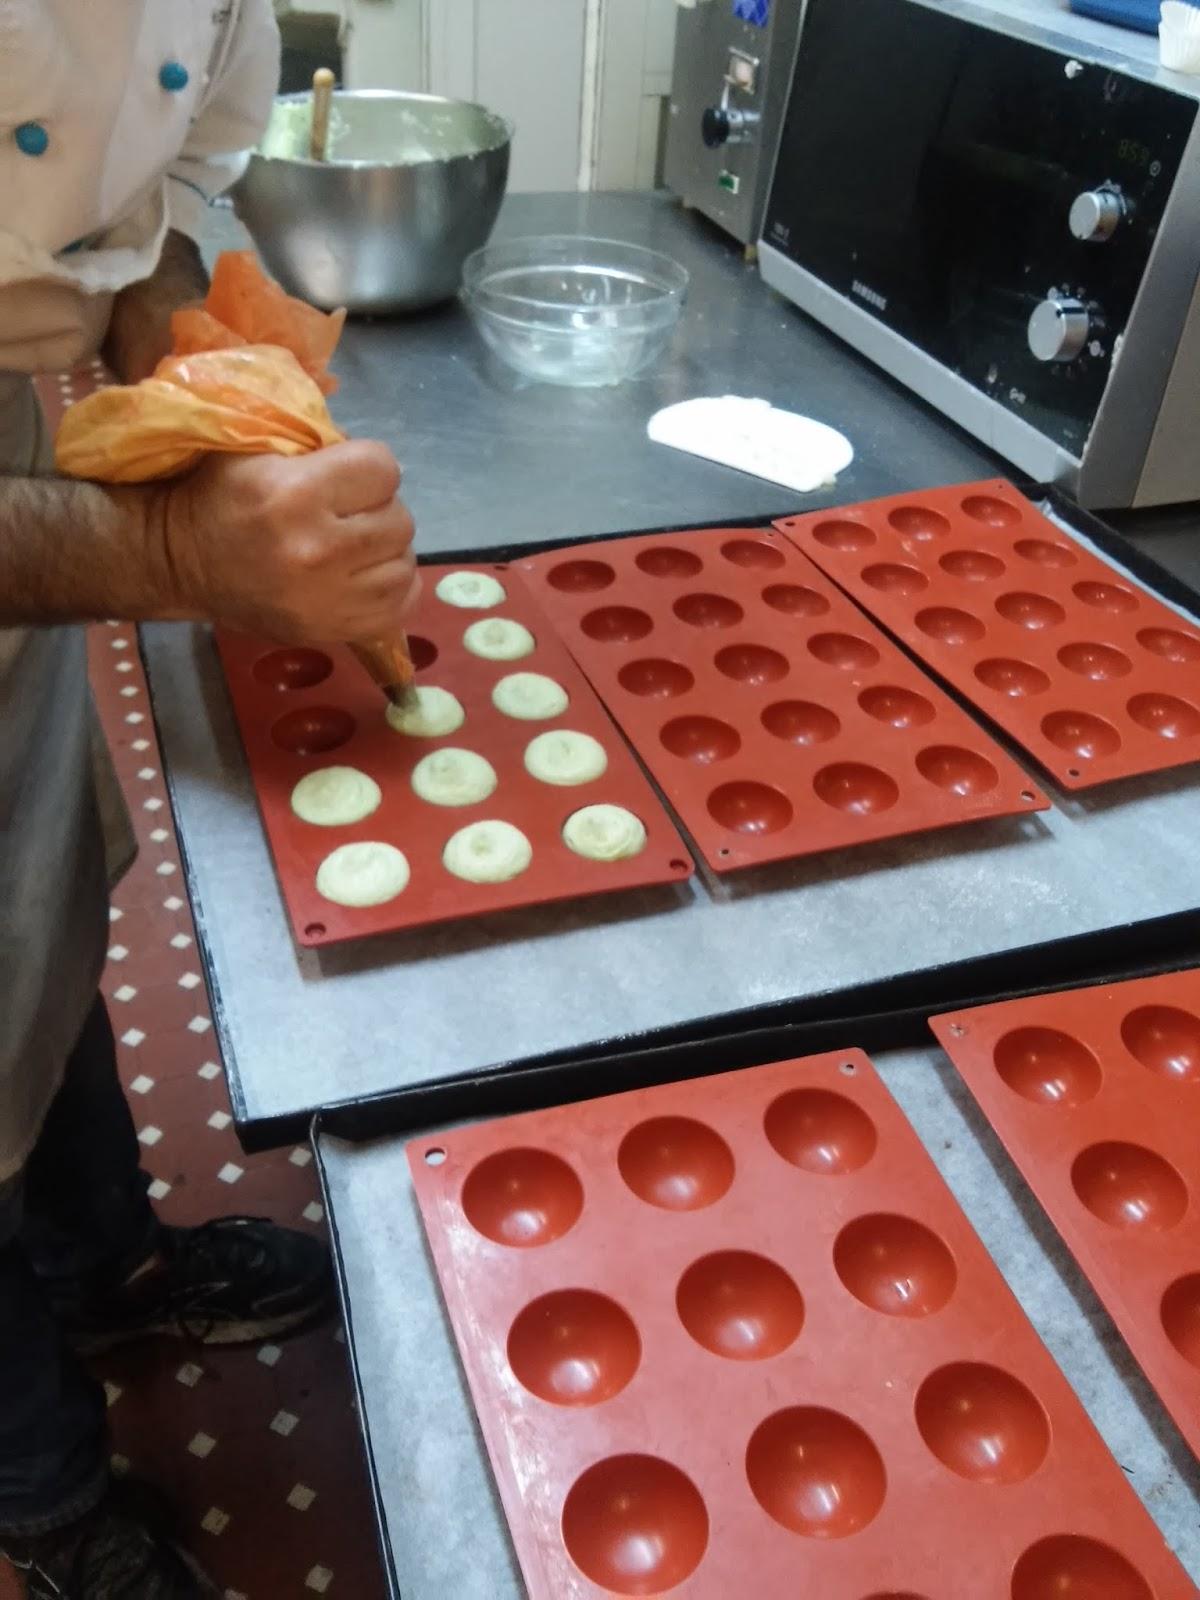 Mettere gli stampini ripieni in abbattitore o congelatore fino a completo  congelamento. Nel frattempo allungare la pasta frolla fino all\u0027altezza di 3  mm e